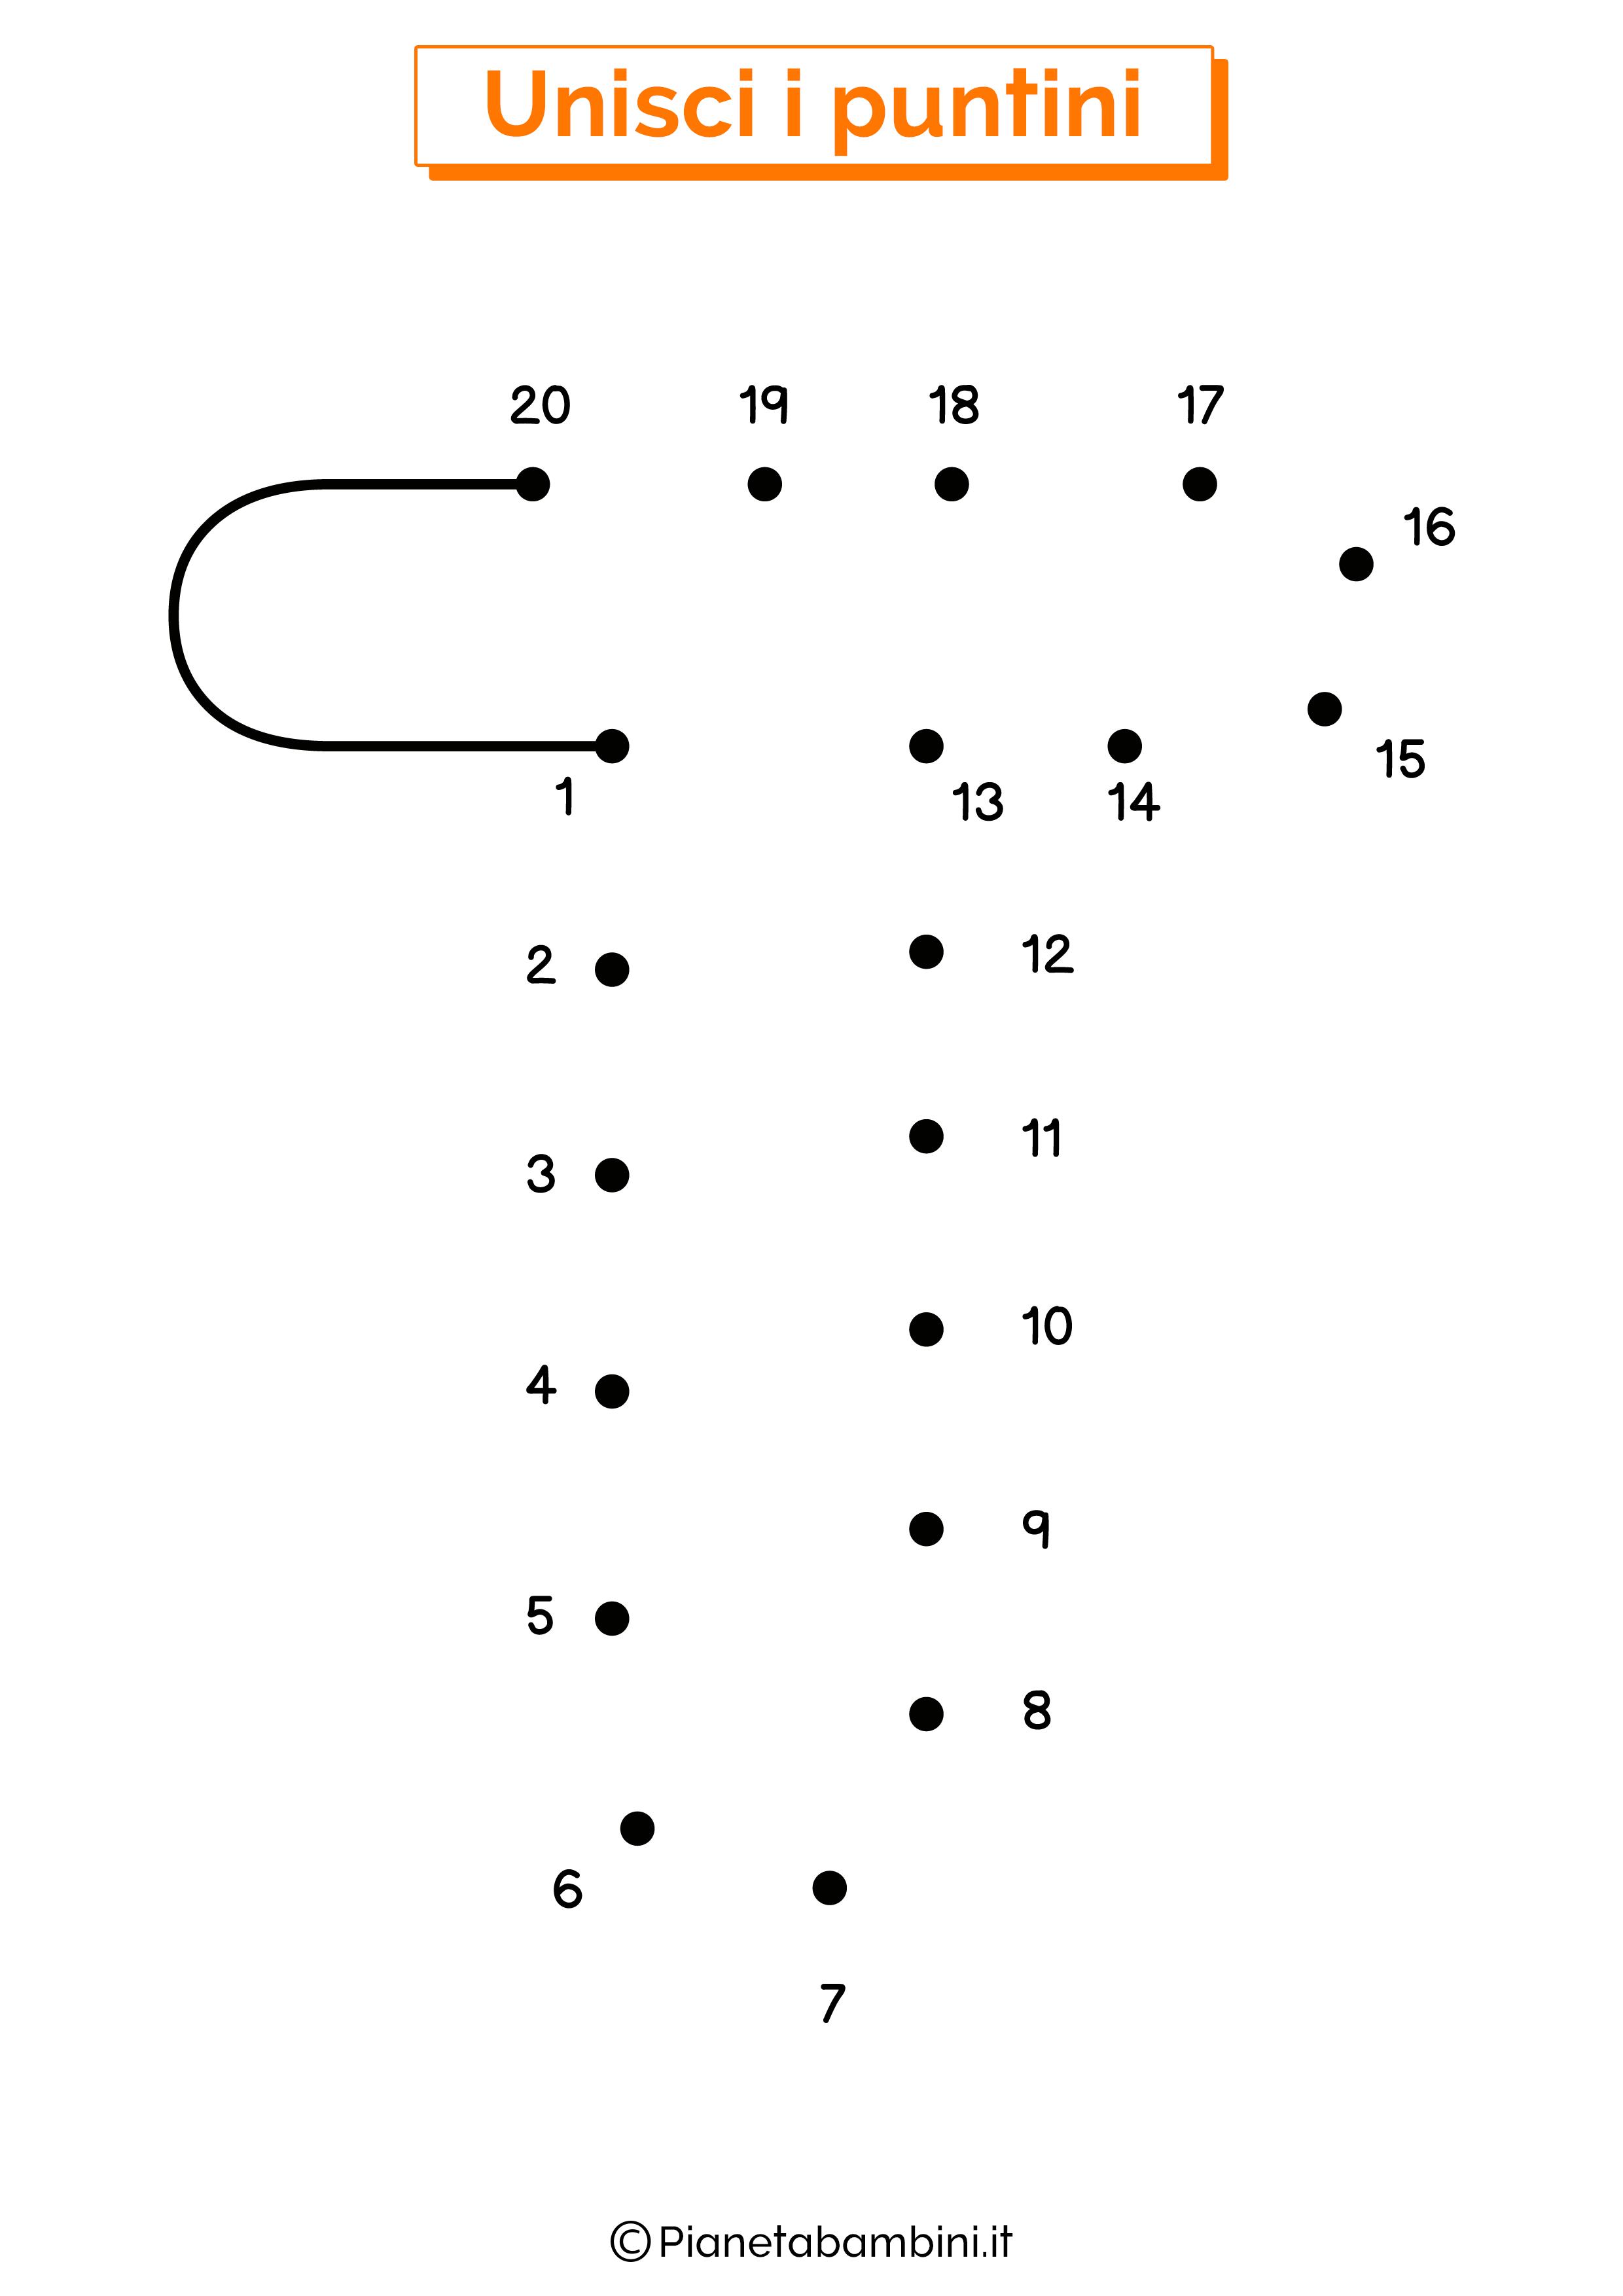 Unisci i puntini con la lettera T